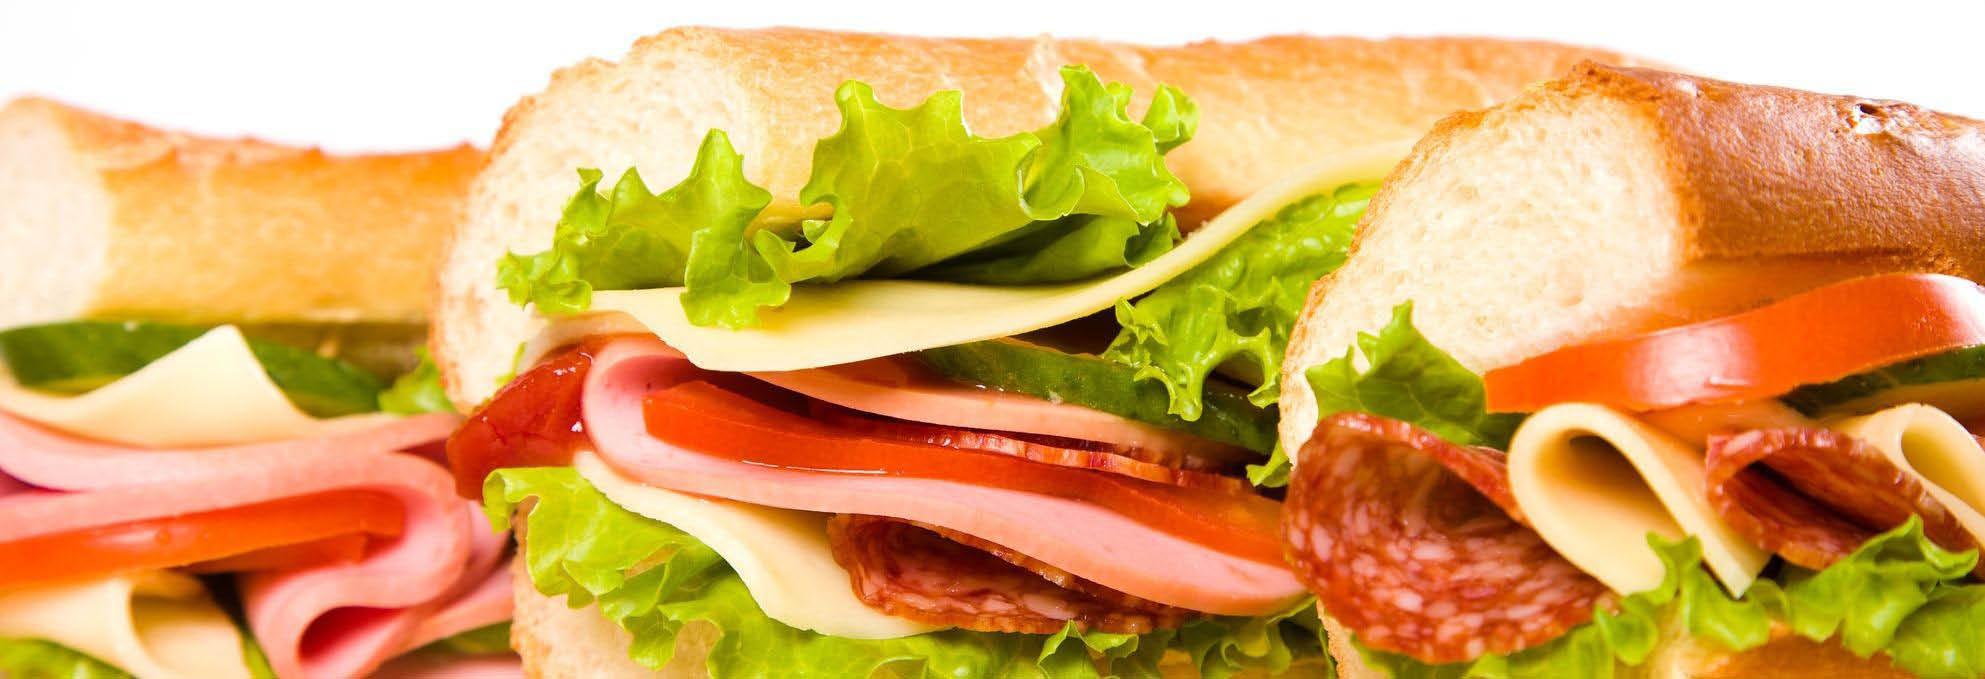 lees hoagie house, hoagies,sandwich,cheese steaks,chicken cheese steaks,catering